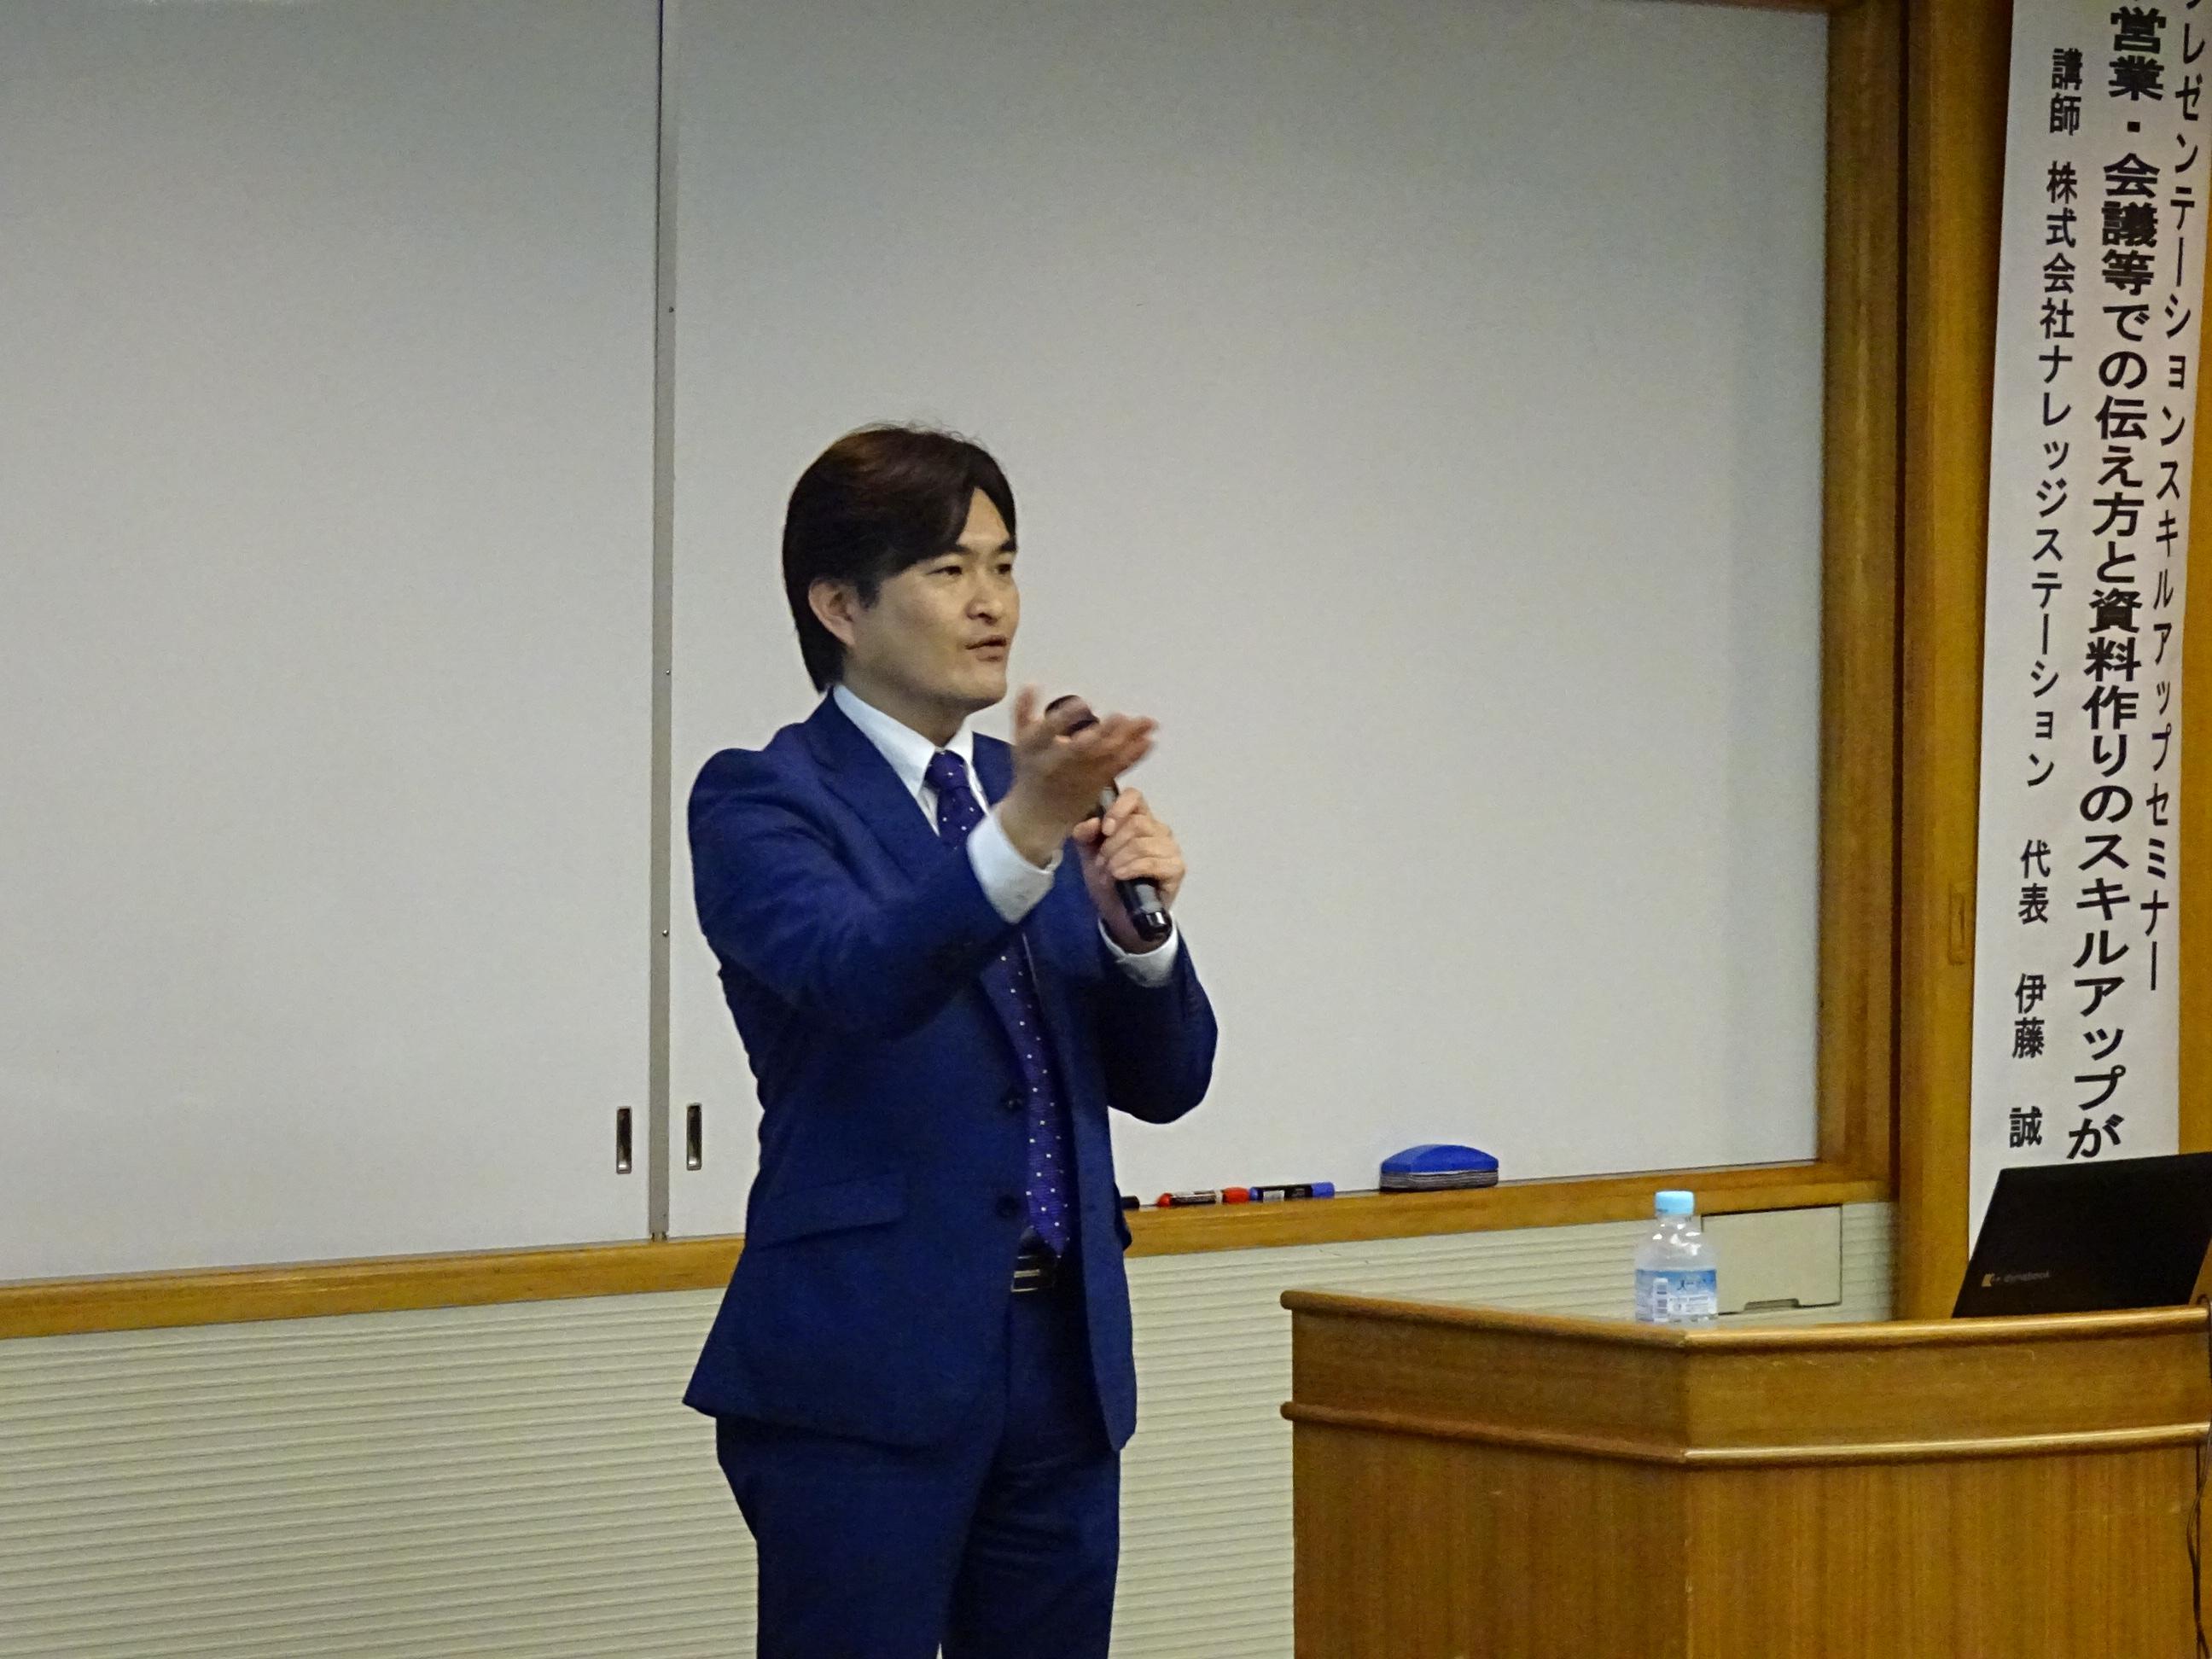 【高松】プレゼンテーションスキルアップセミナー画像02